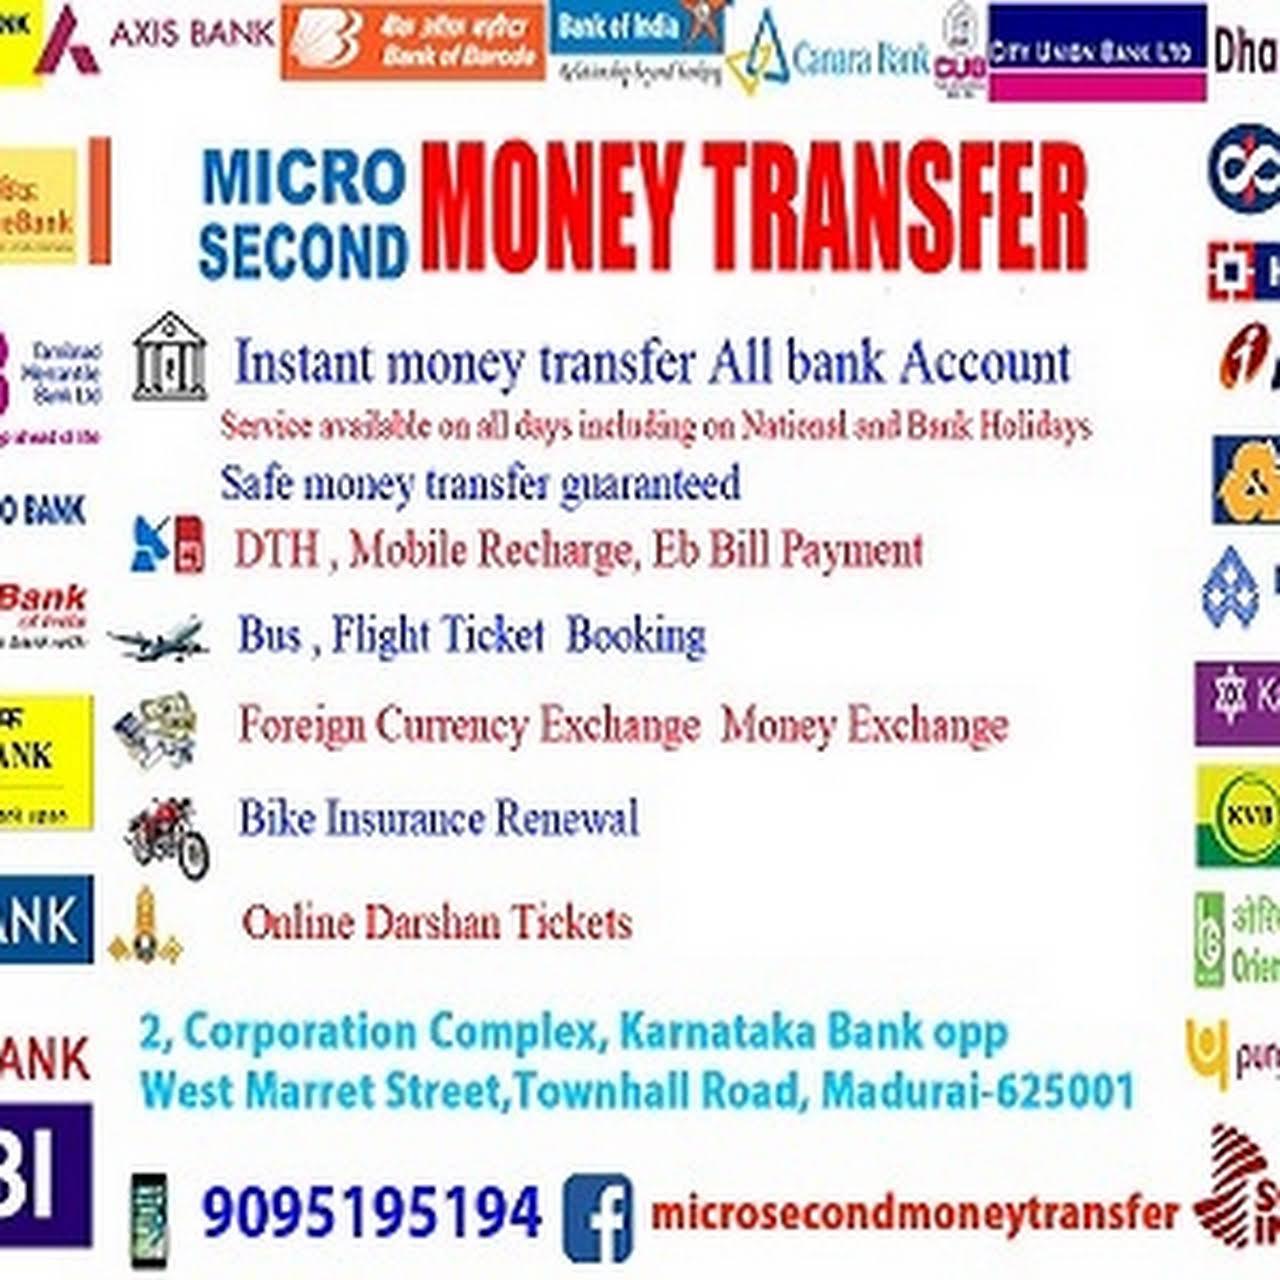 Micro Second Money Transfer - Money Transfer Service in Madurai